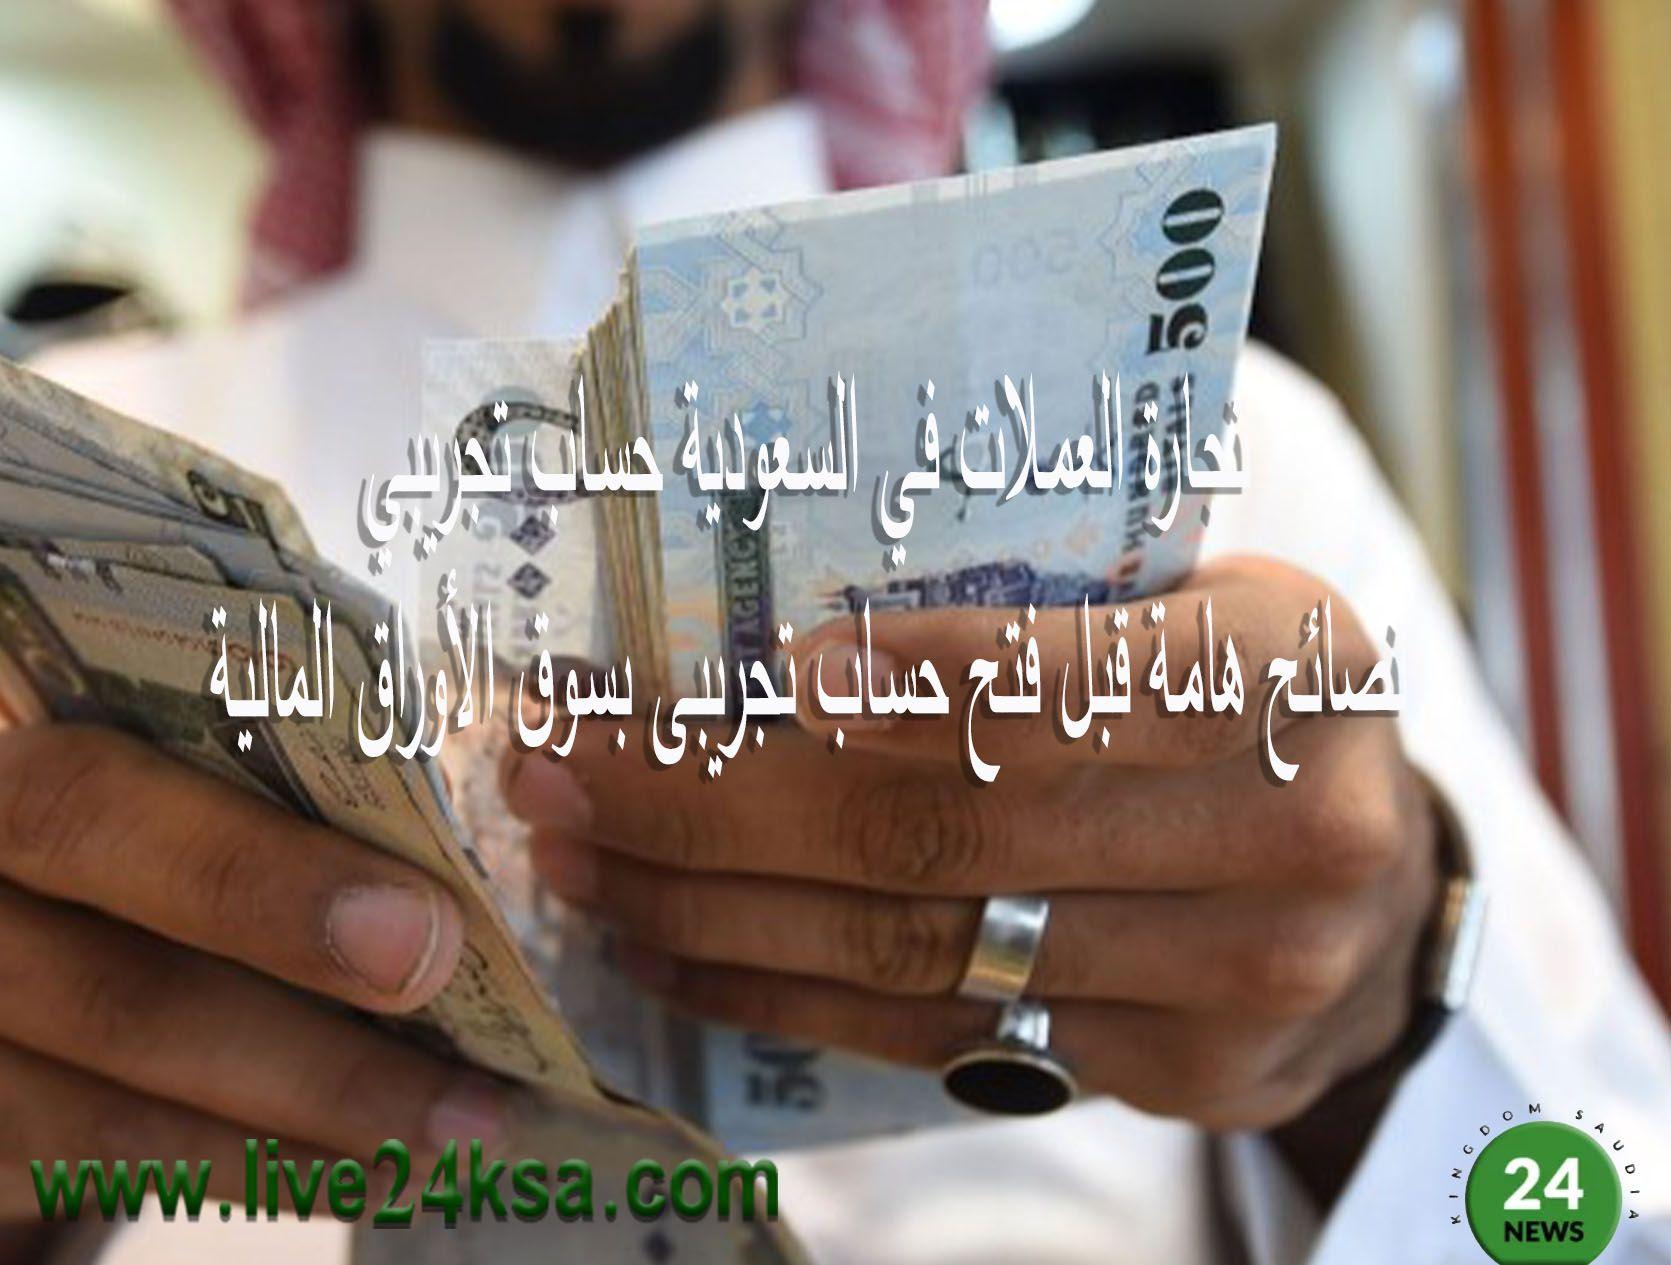 تجارة العملات في السعودية حساب تجريبي نصائح هامة قبل فتح حساب تجريبى بسوق الأوراق المالية Blog Blog Posts Convenience Store Products